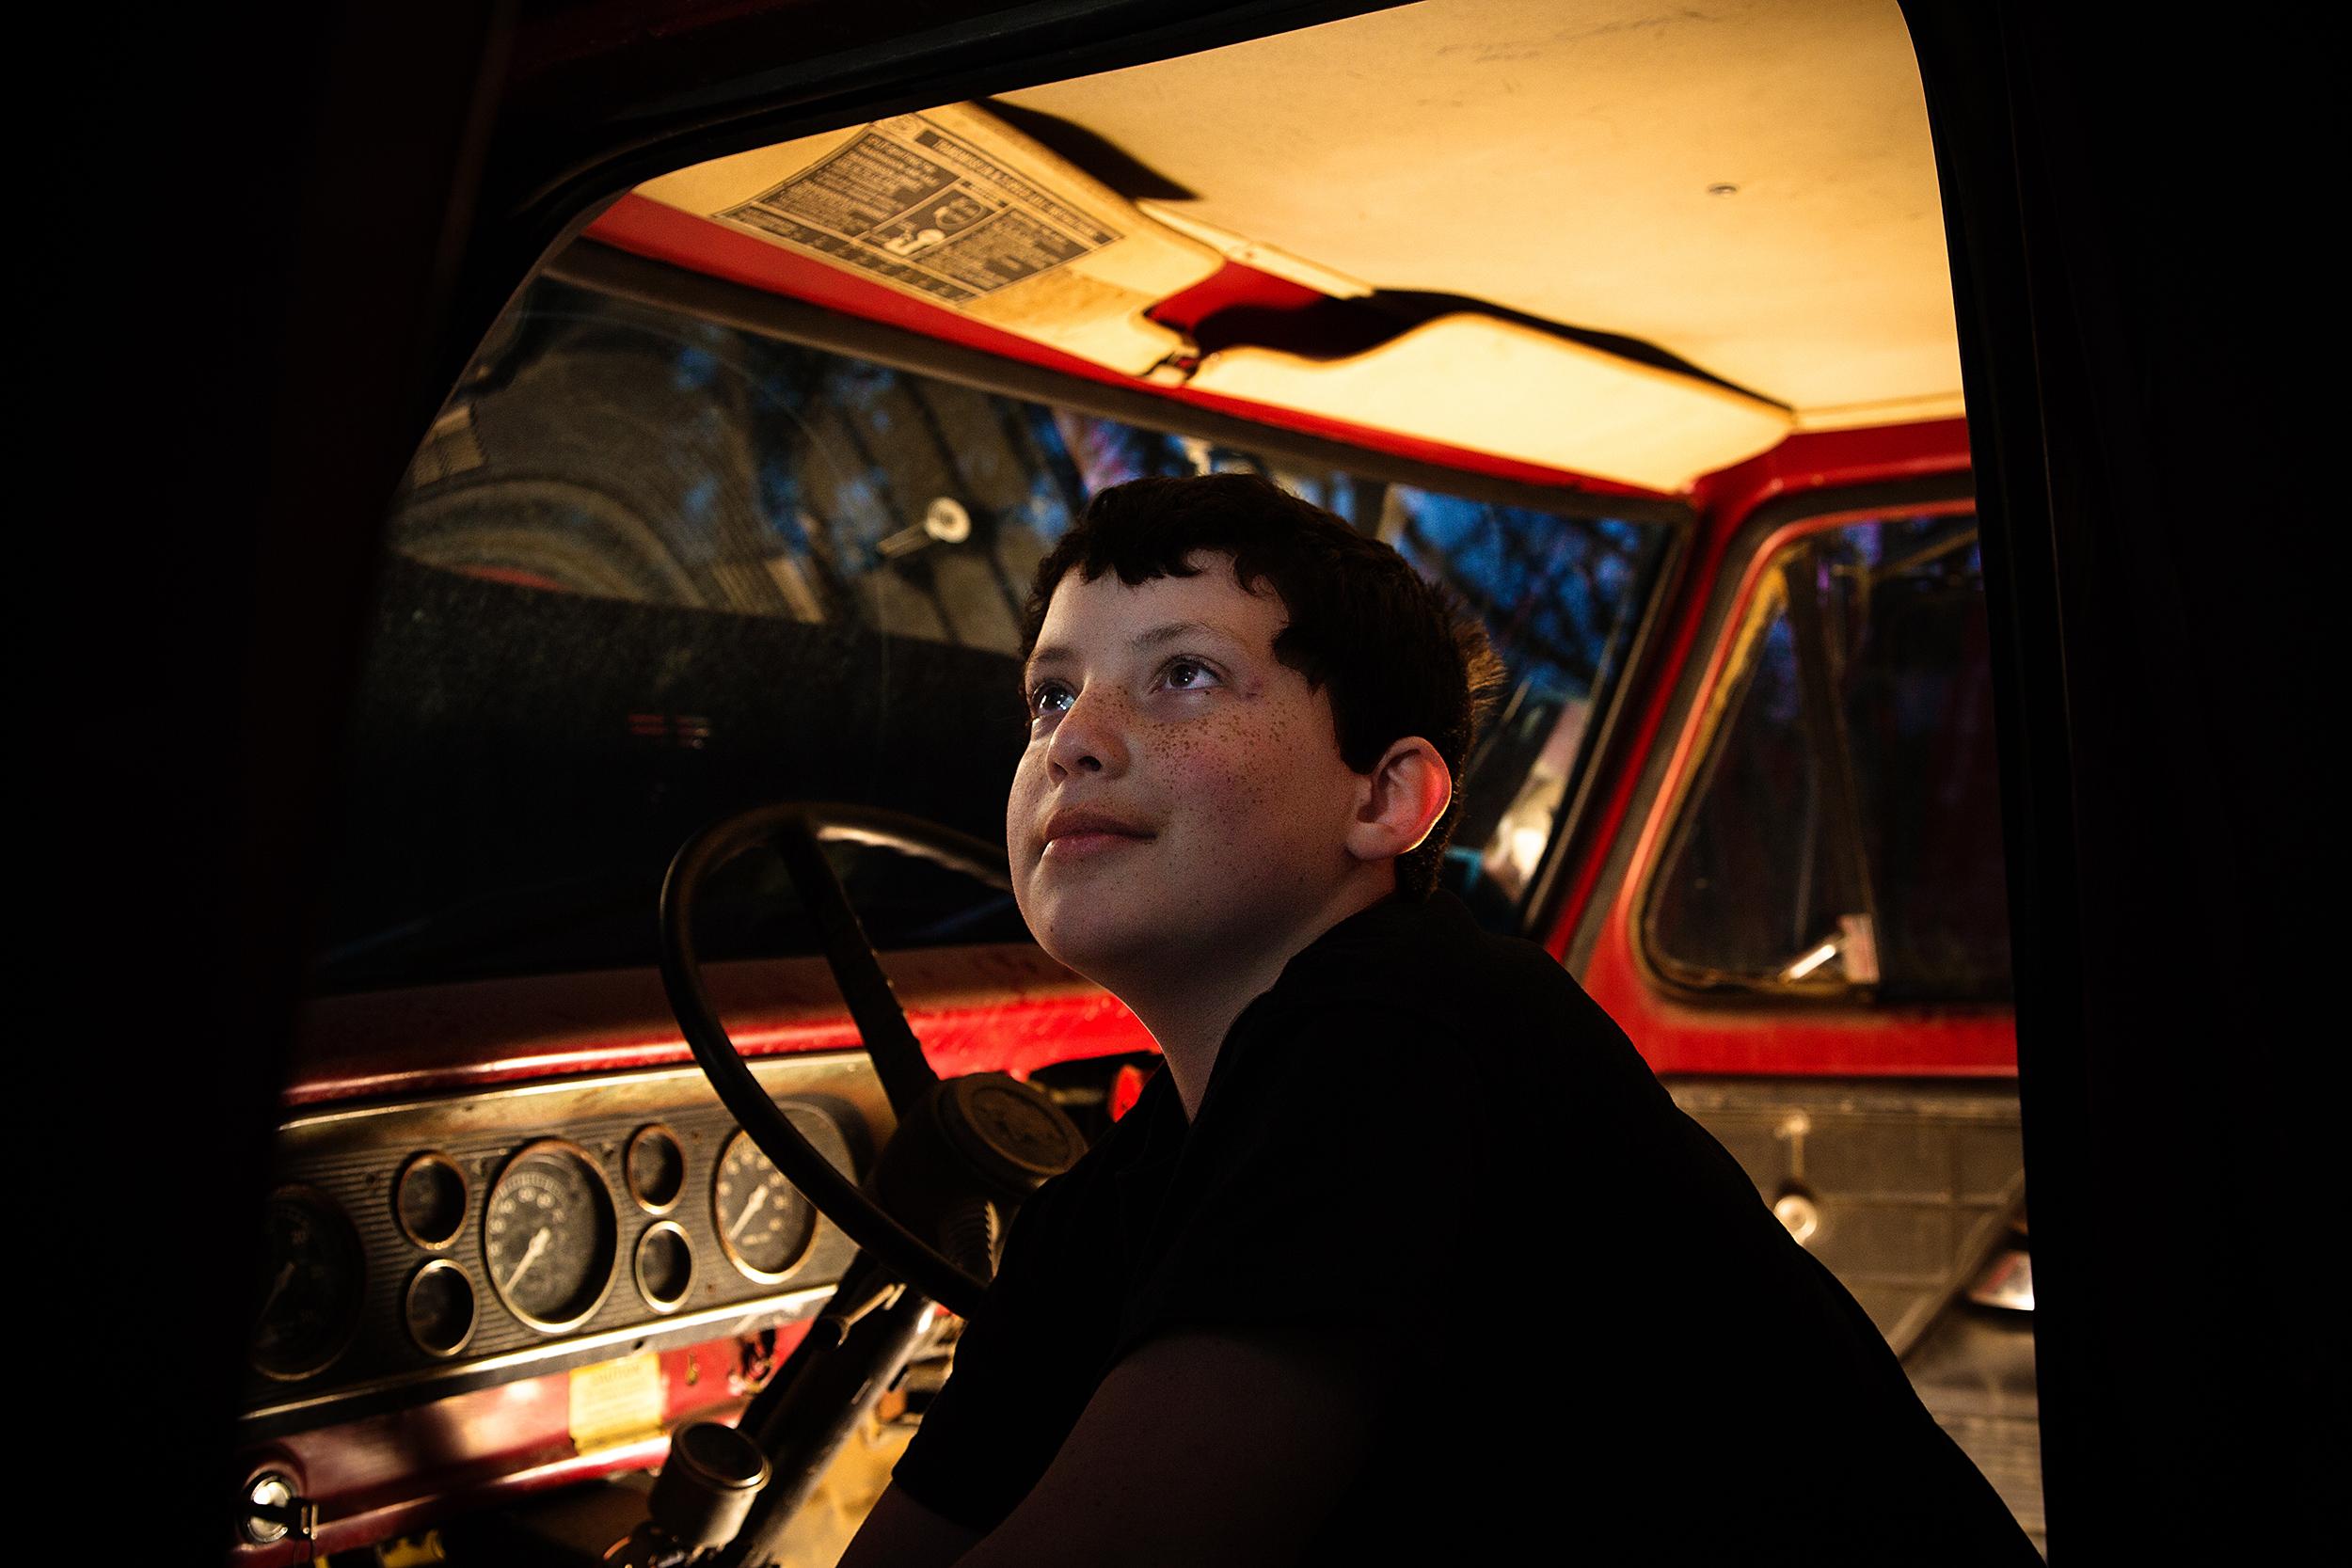 Grant_In_Truck_Img_0448-.jpg